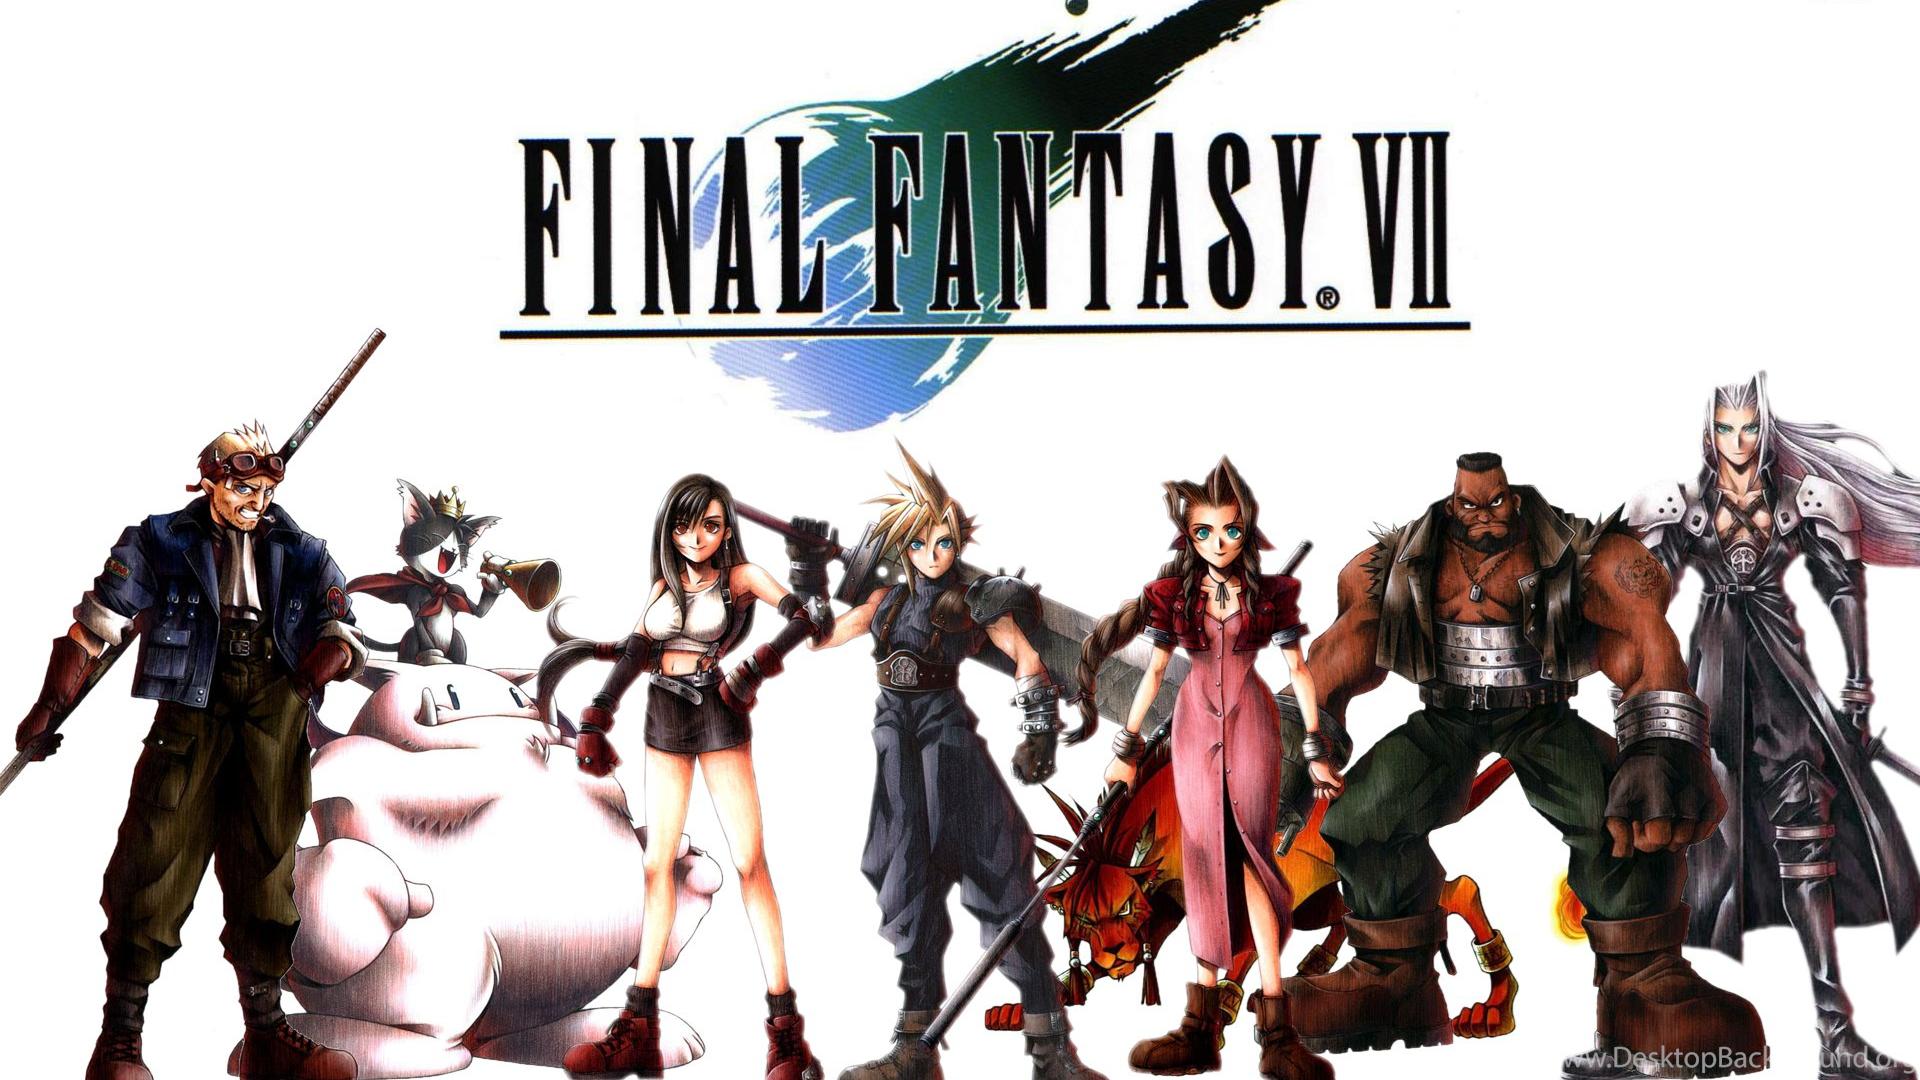 Final Fantasy VII Wallpapers Desktop Background